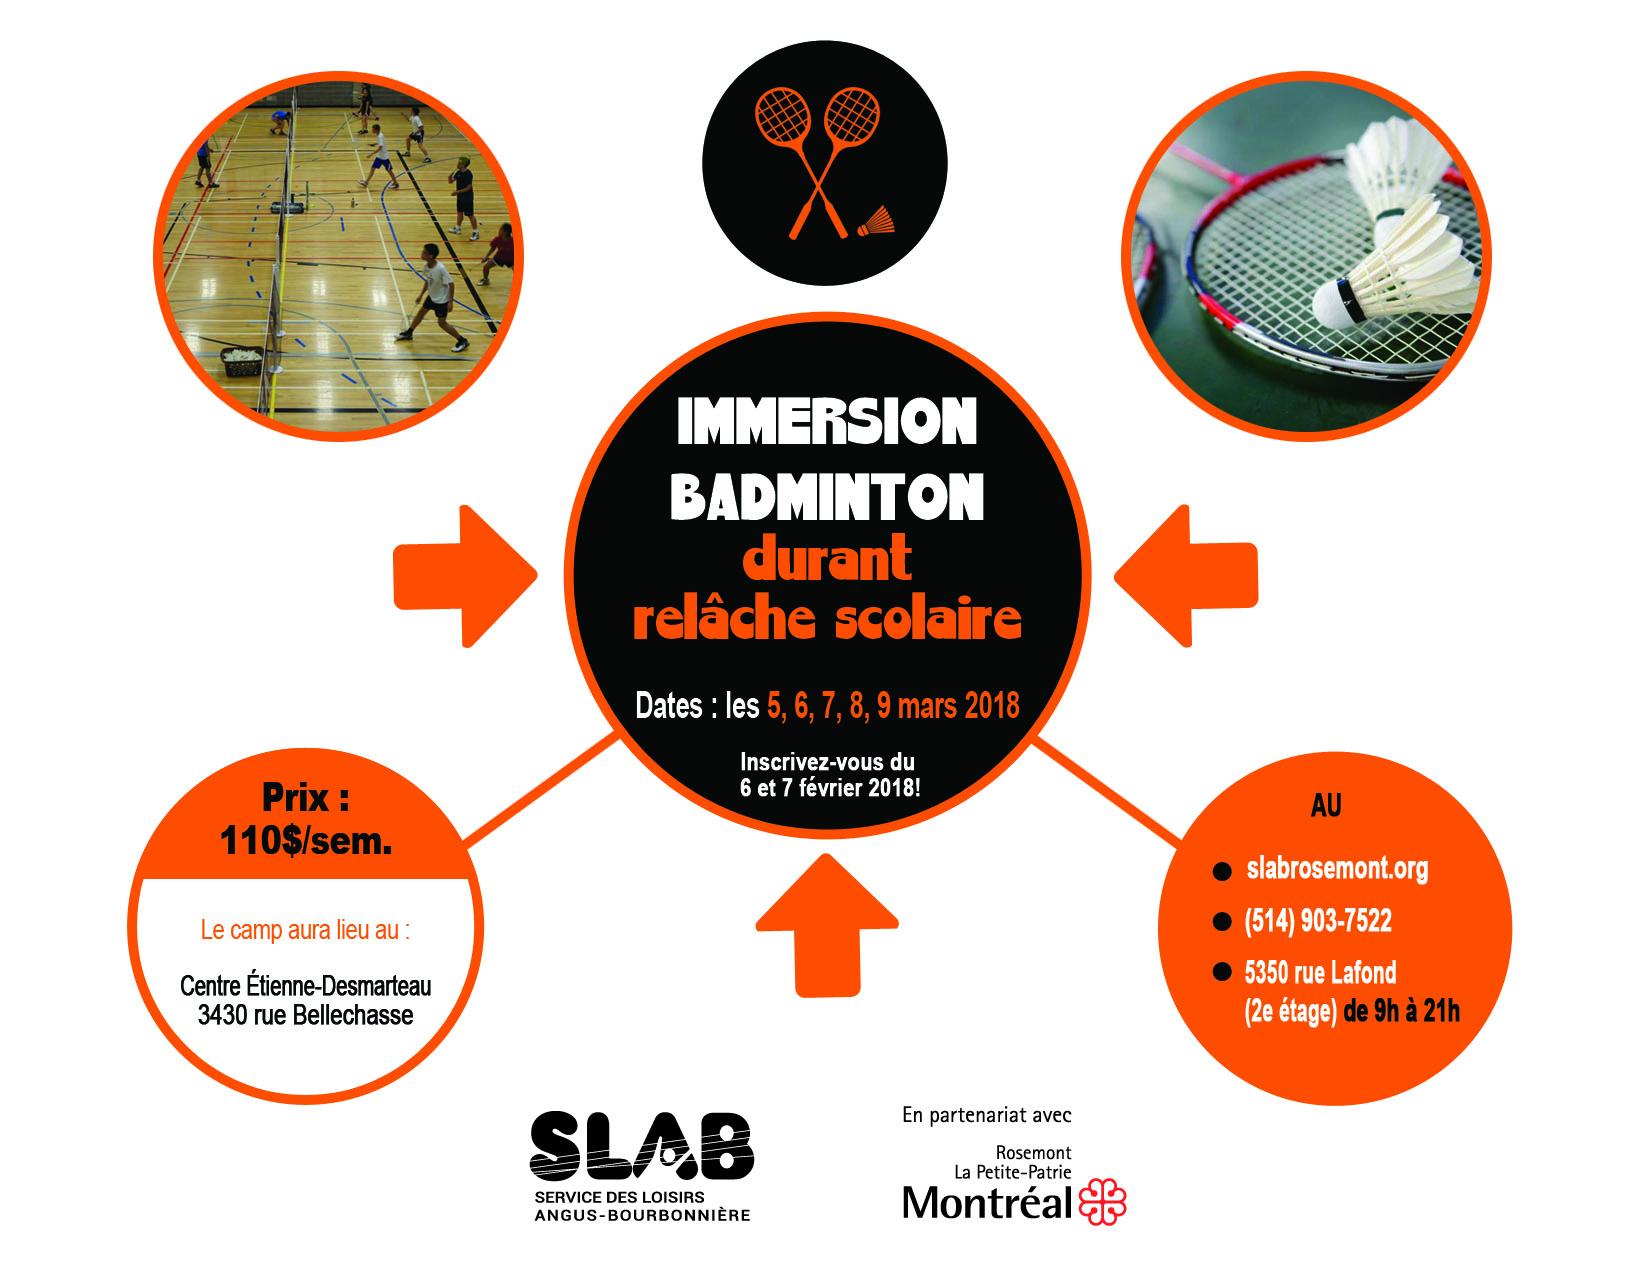 Matériel - badminton relache